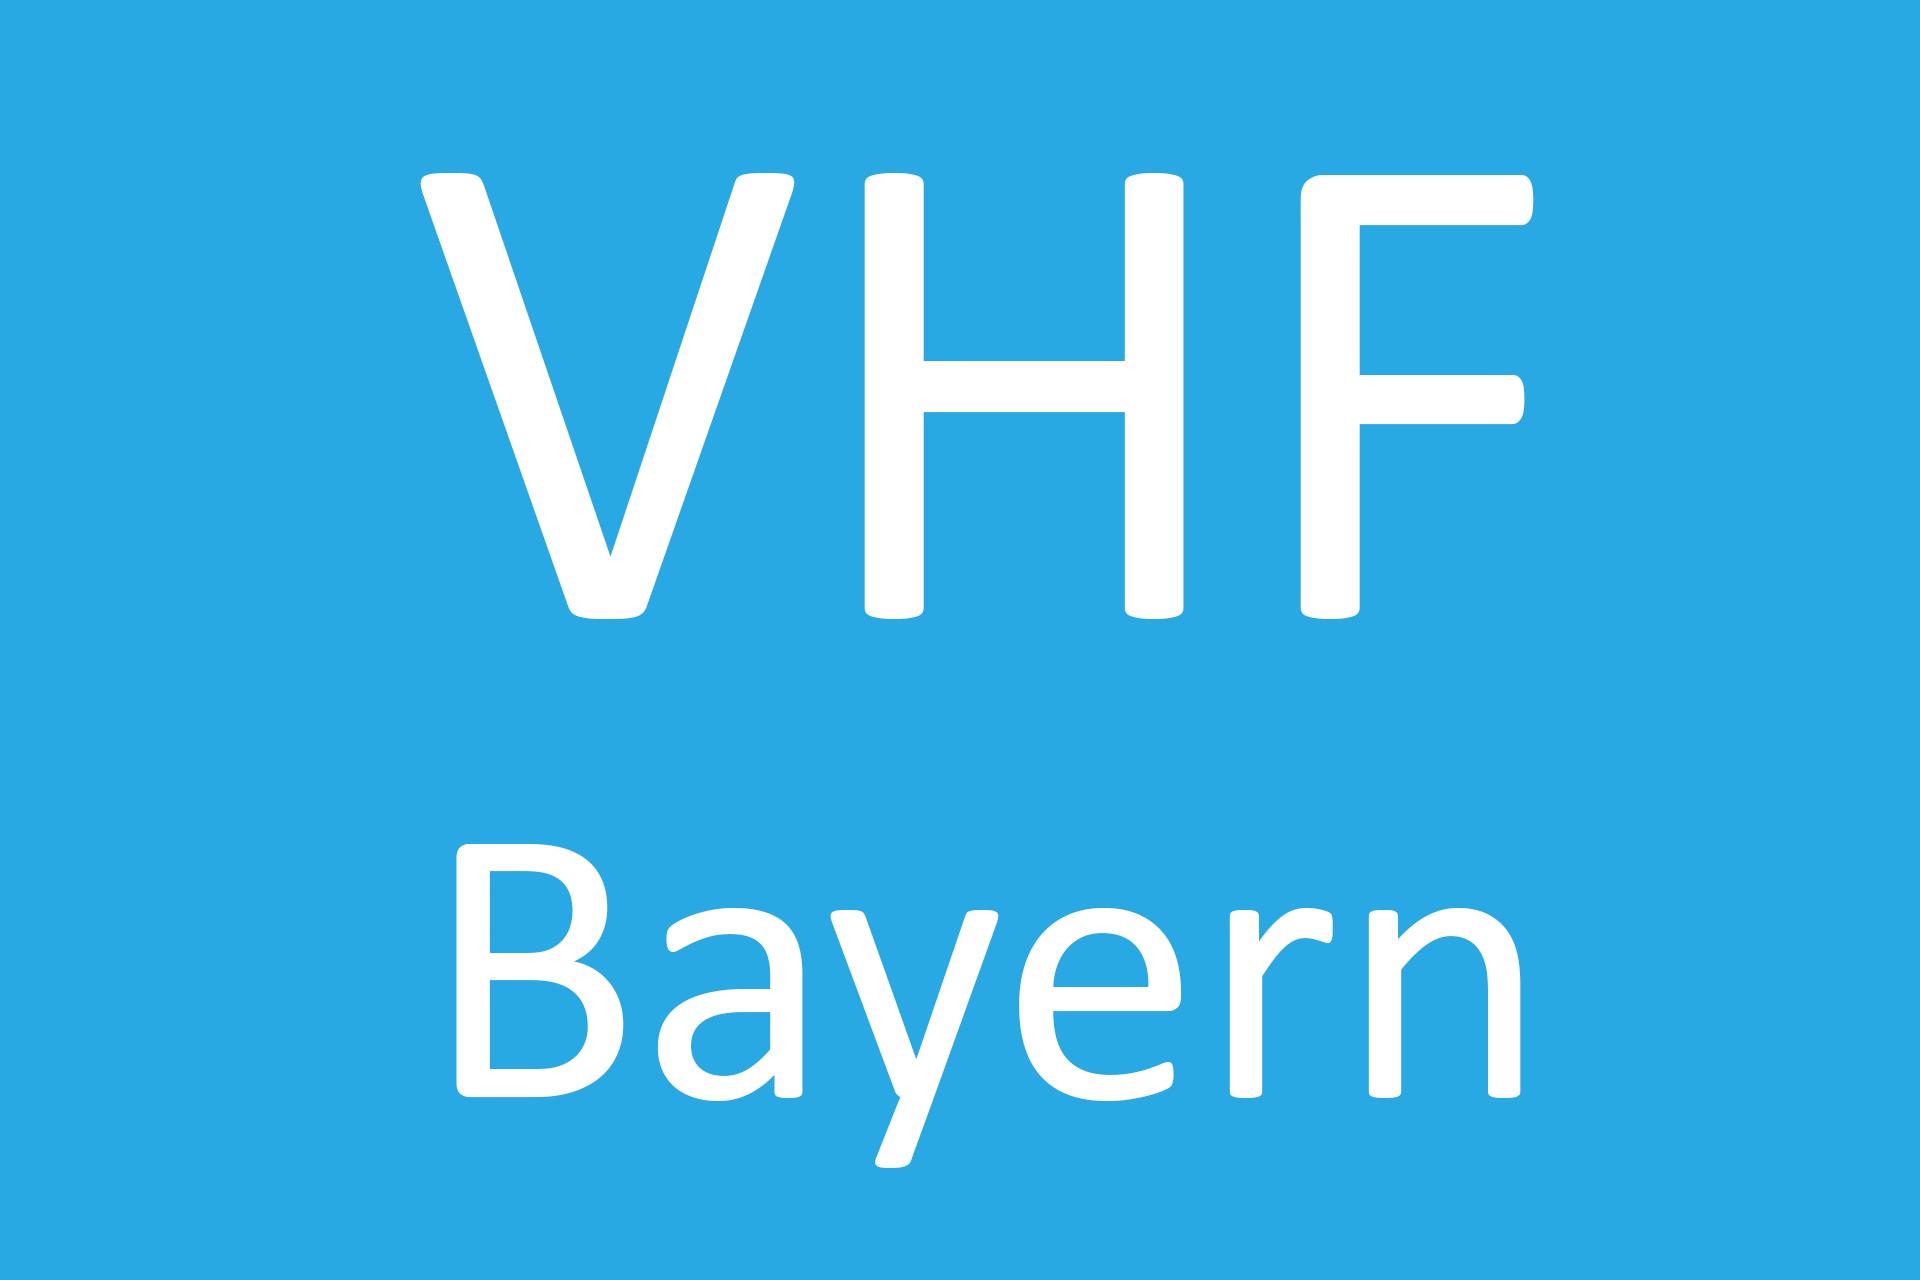 Vhf Bayern Aktualisierung Der Vertragsmuster Richtlinien Und Anlagen